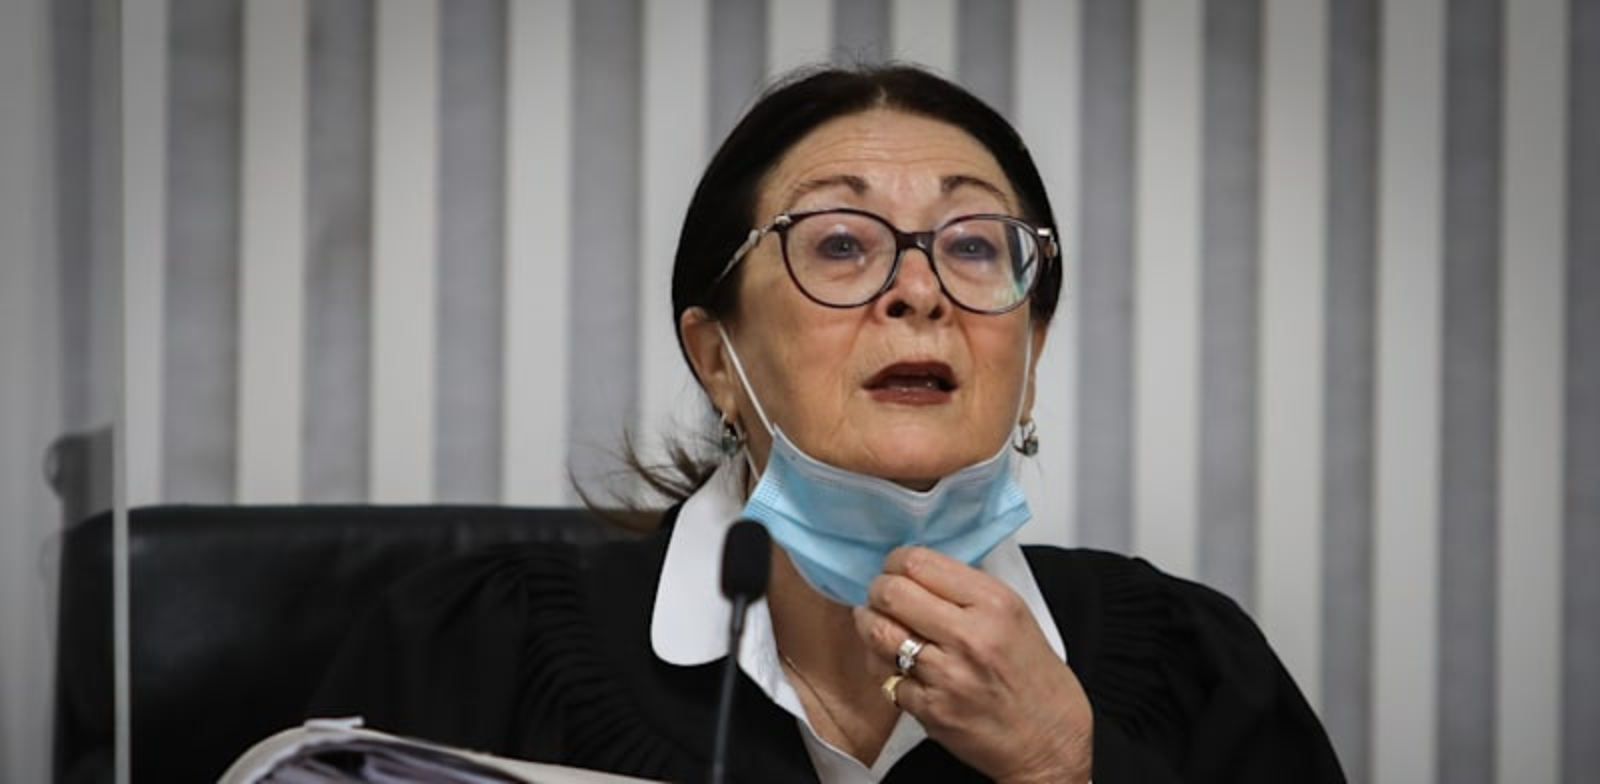 נשיאת העליון, השופטת אסתר חיות / צילום: אורון בן חקון